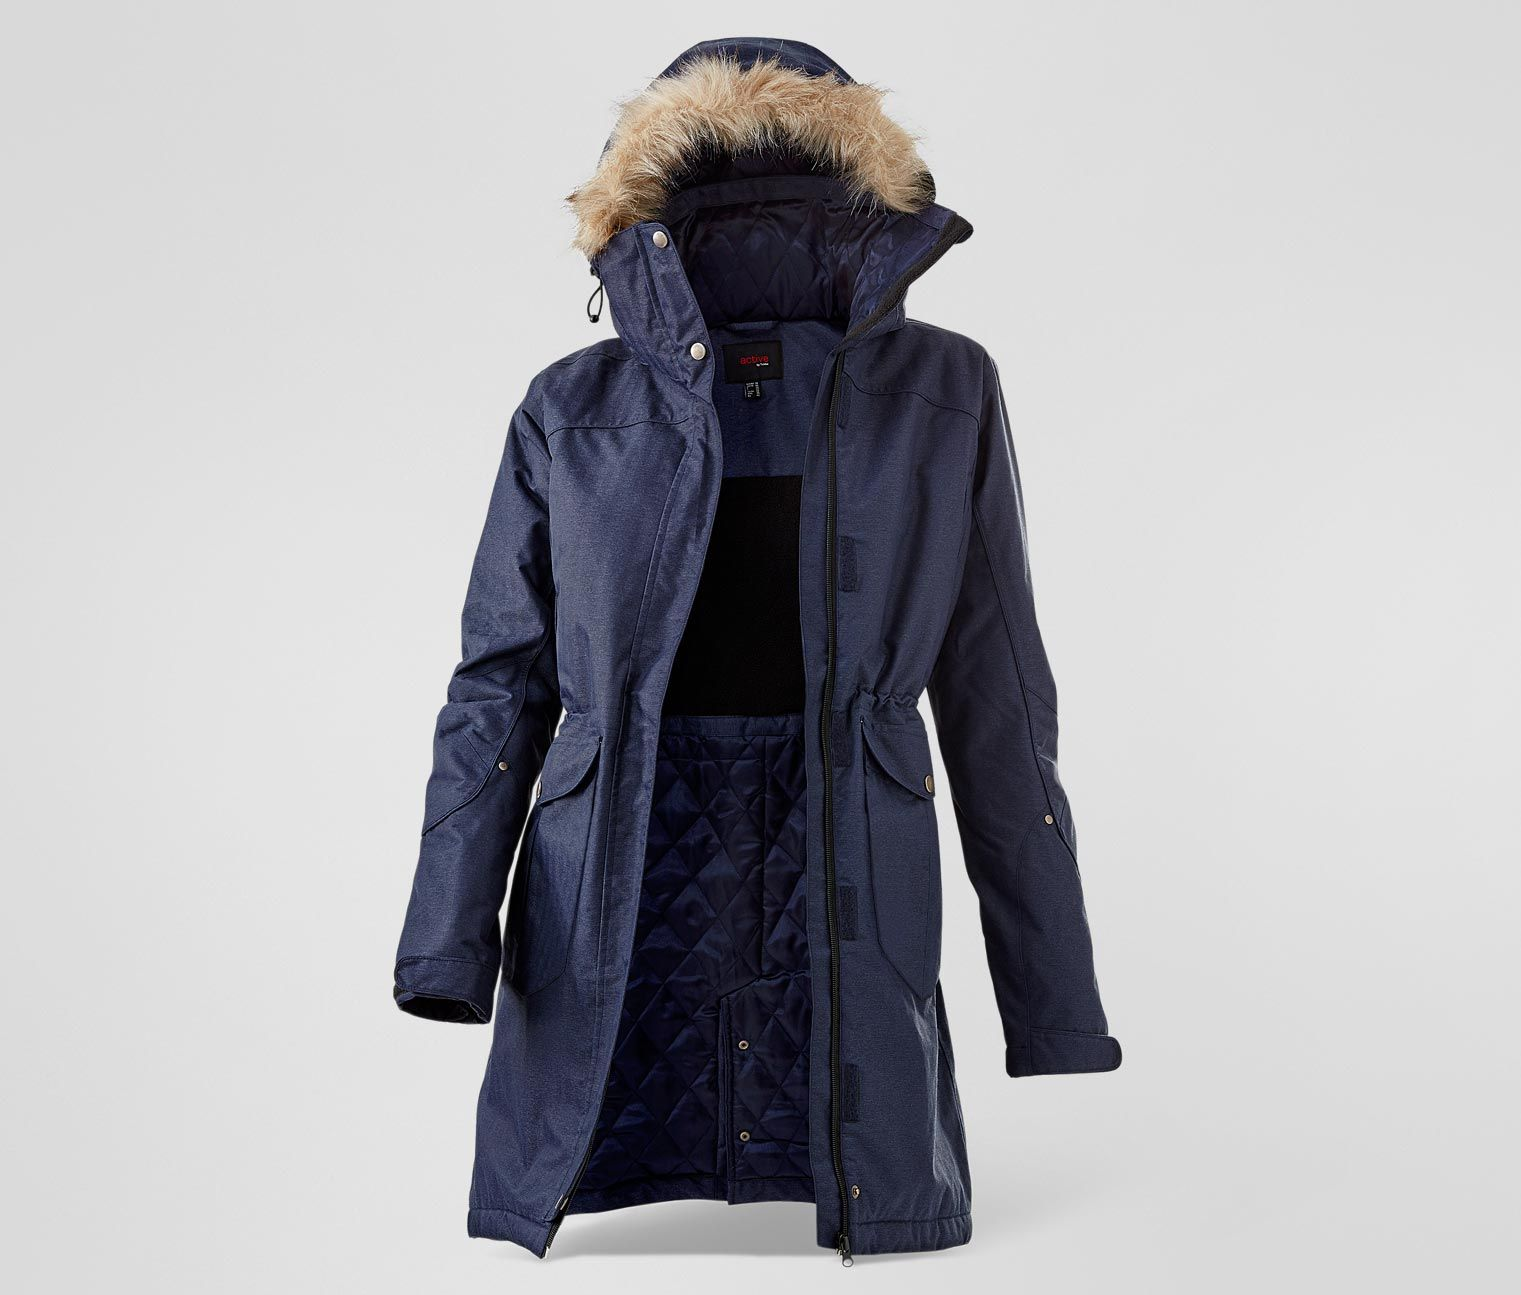 Leistungssportbekleidung heißer verkauf rabatt Verarbeitung finden tchibo thermo jacket coat | Winter jackets, Winter coat, Jackets